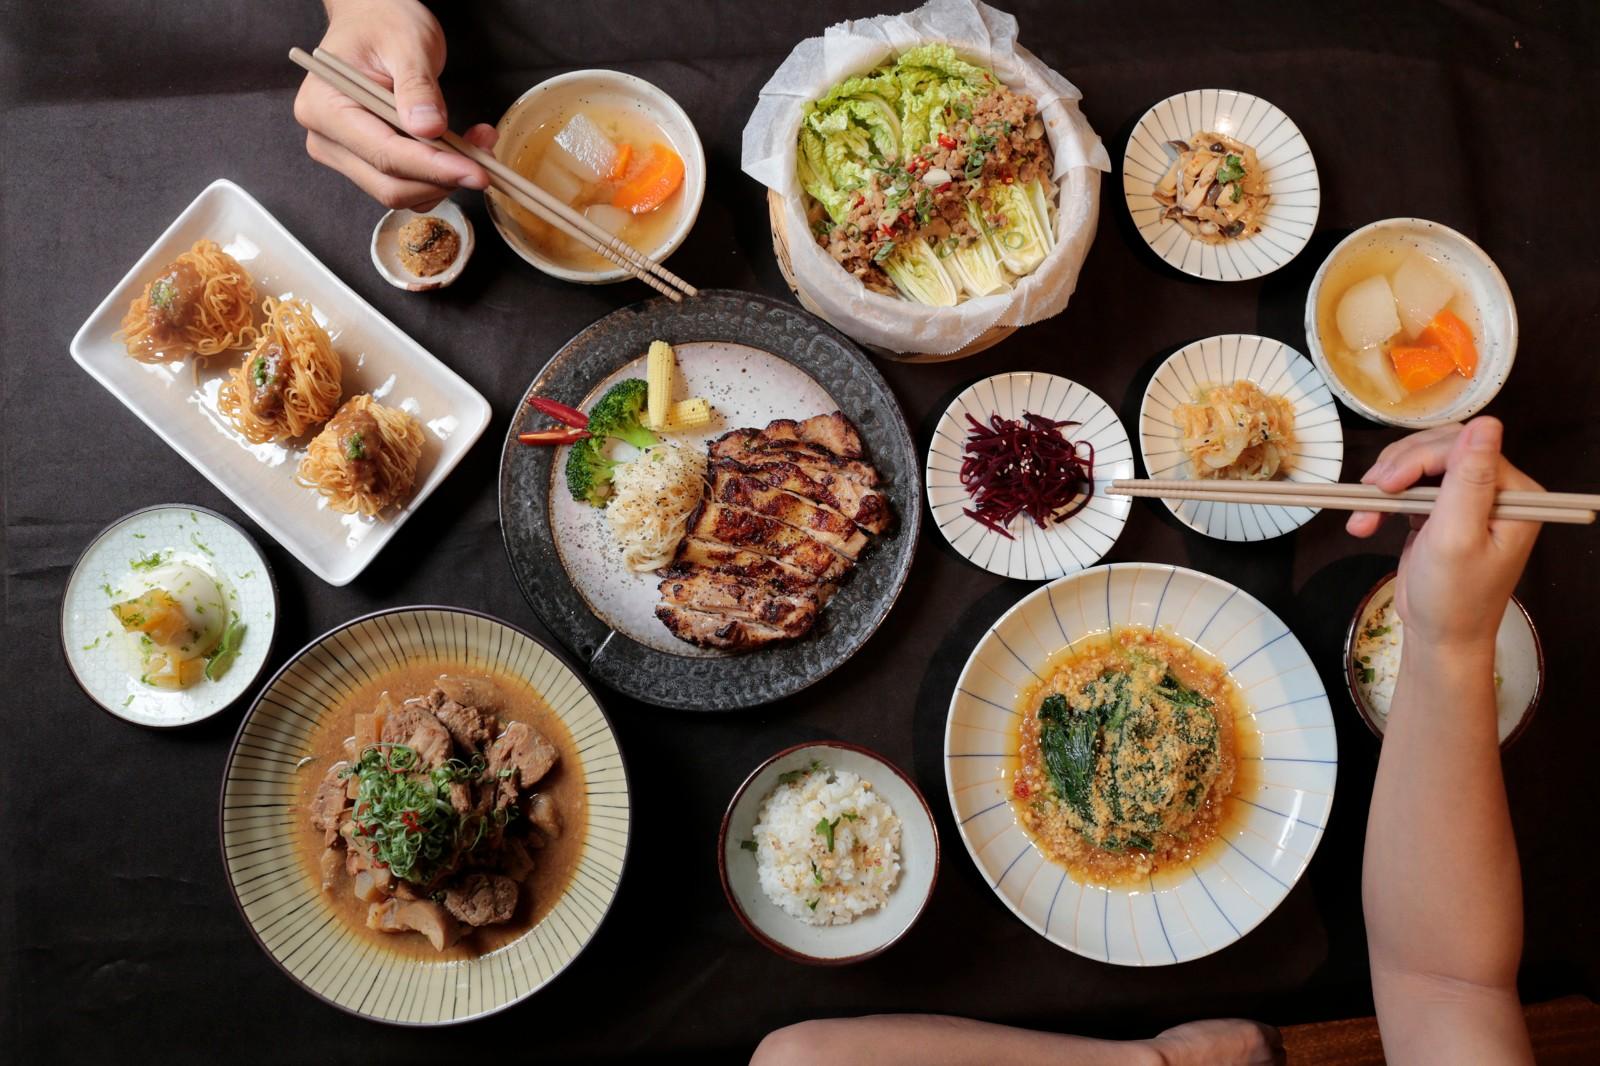 三峽老街甘樂食堂 - 大地創意料理   甘樂食堂   古厝裡的美味時光